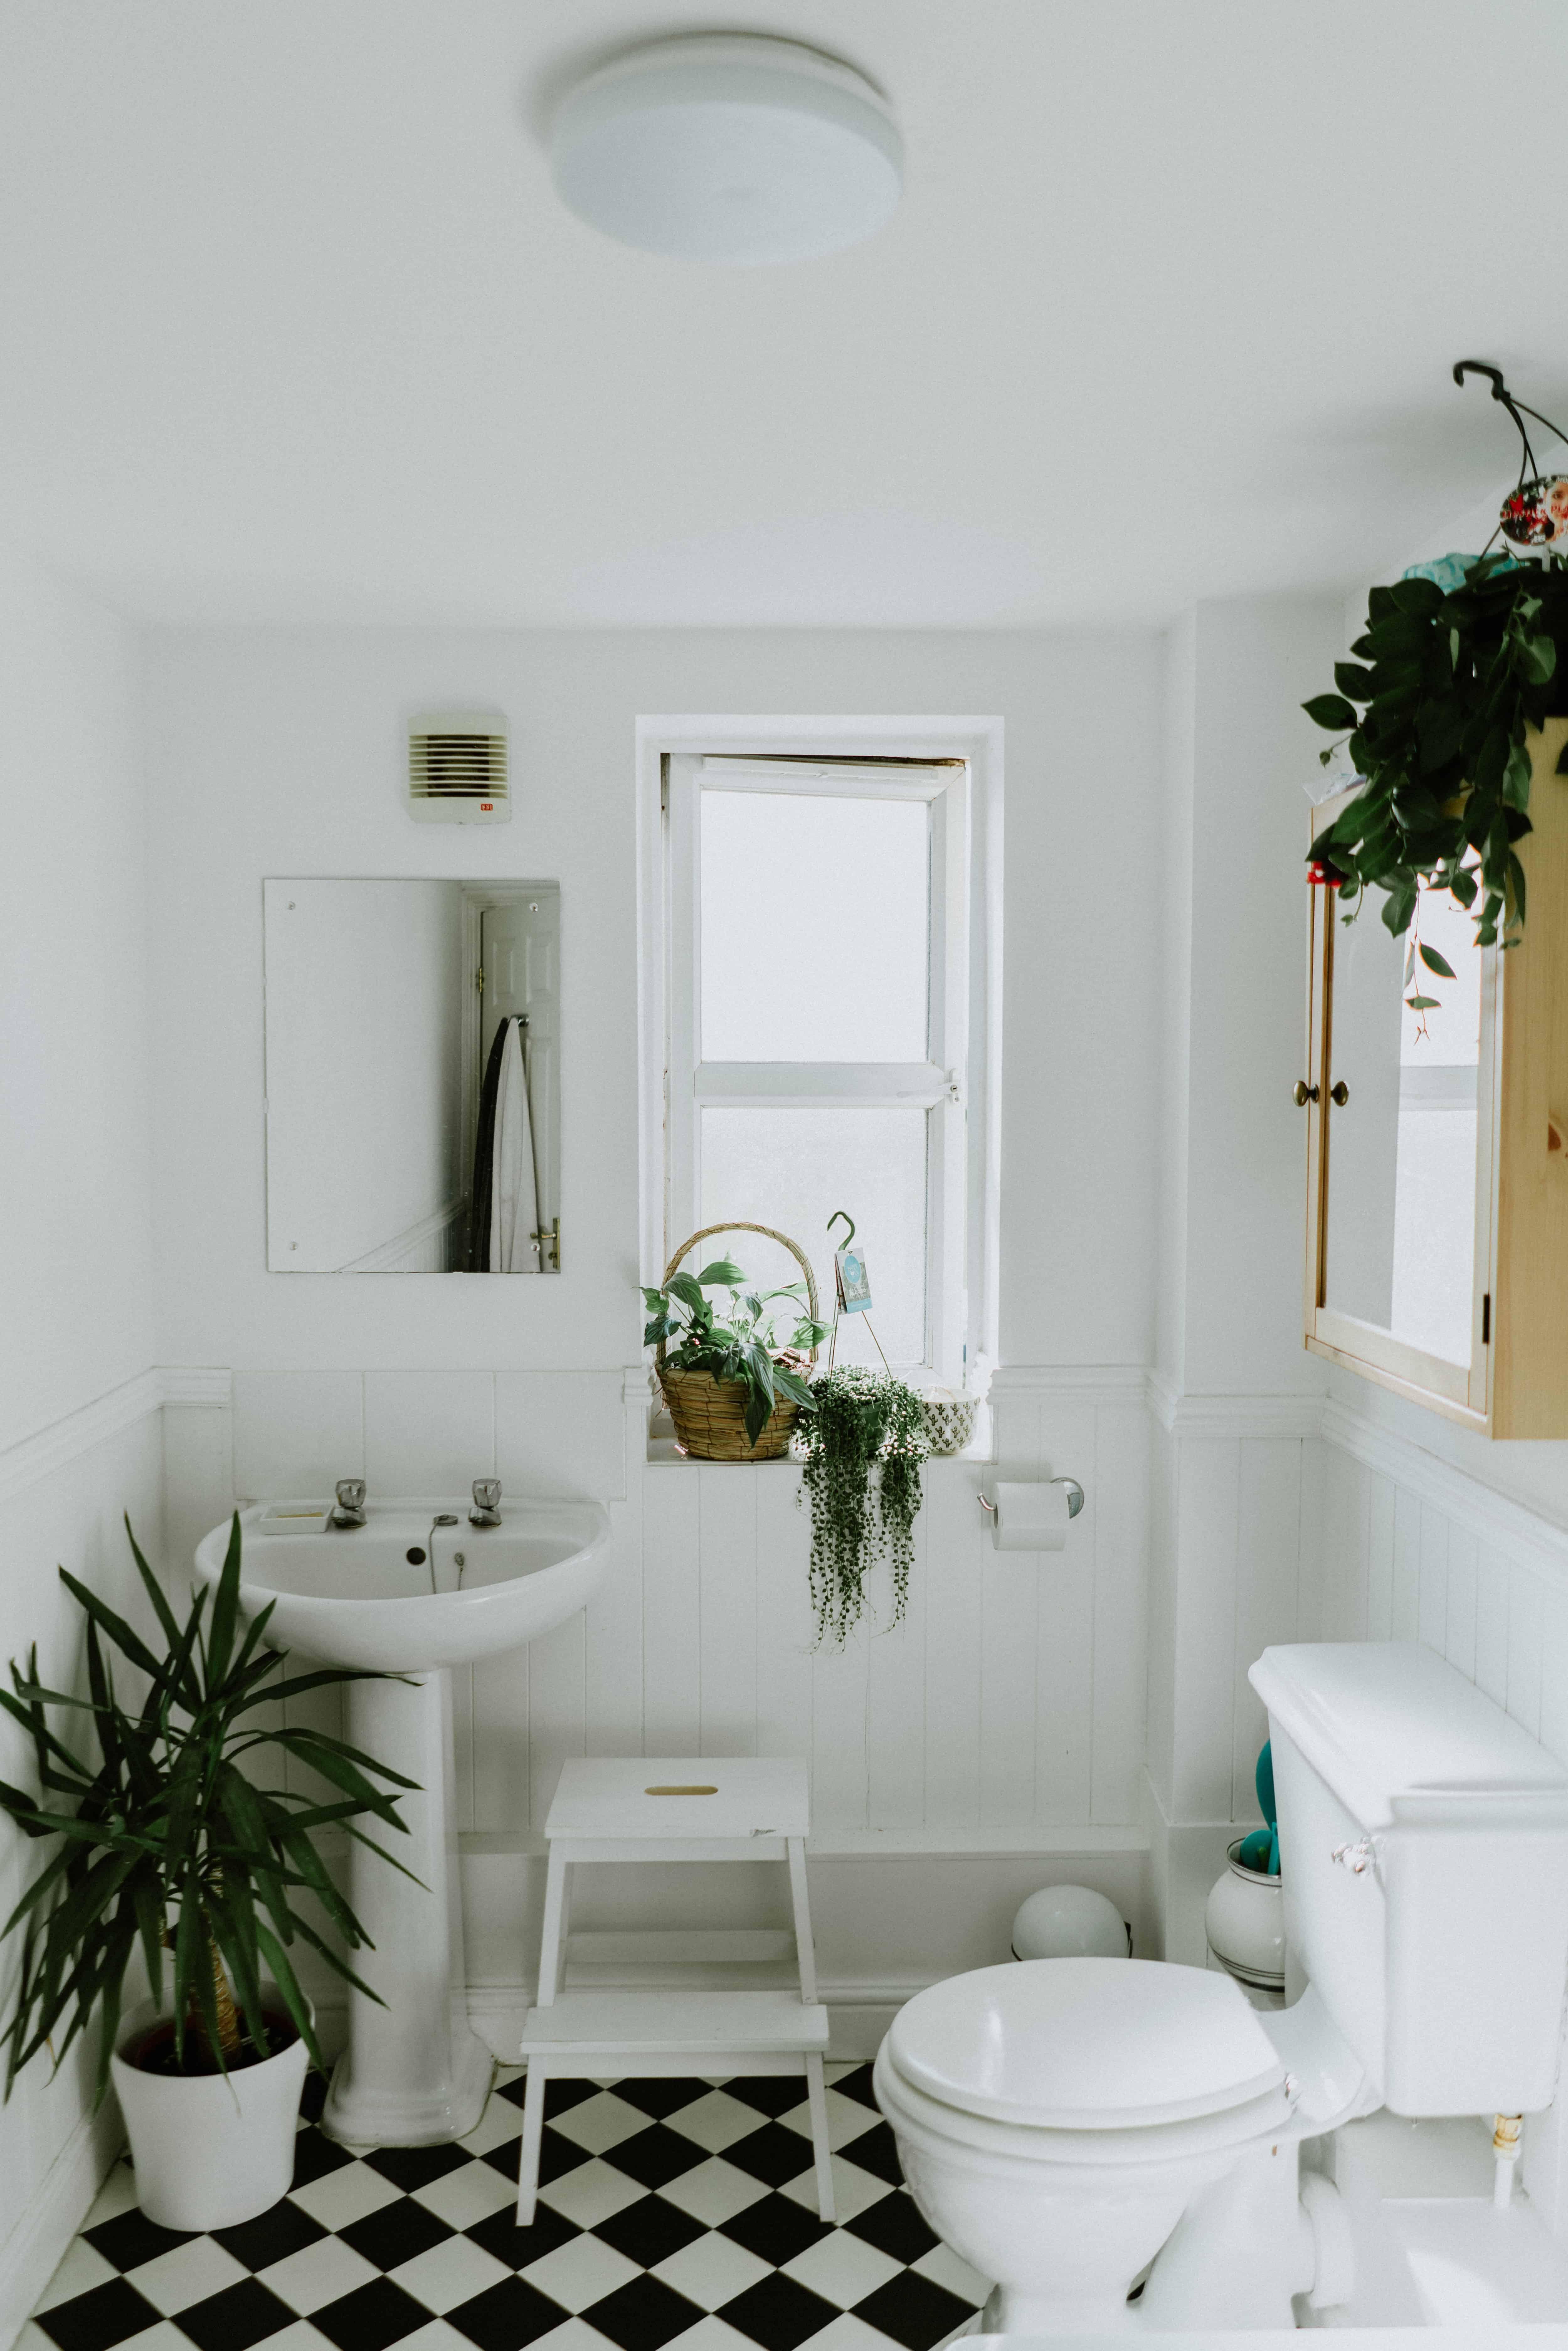 O baie mica de apartament, decorata in stil scandinav, cu mobiler si instalatii sanitare albe, gresie alb si negru, plante, o fereastra si doua oglinzi montate pe pereti diferiti